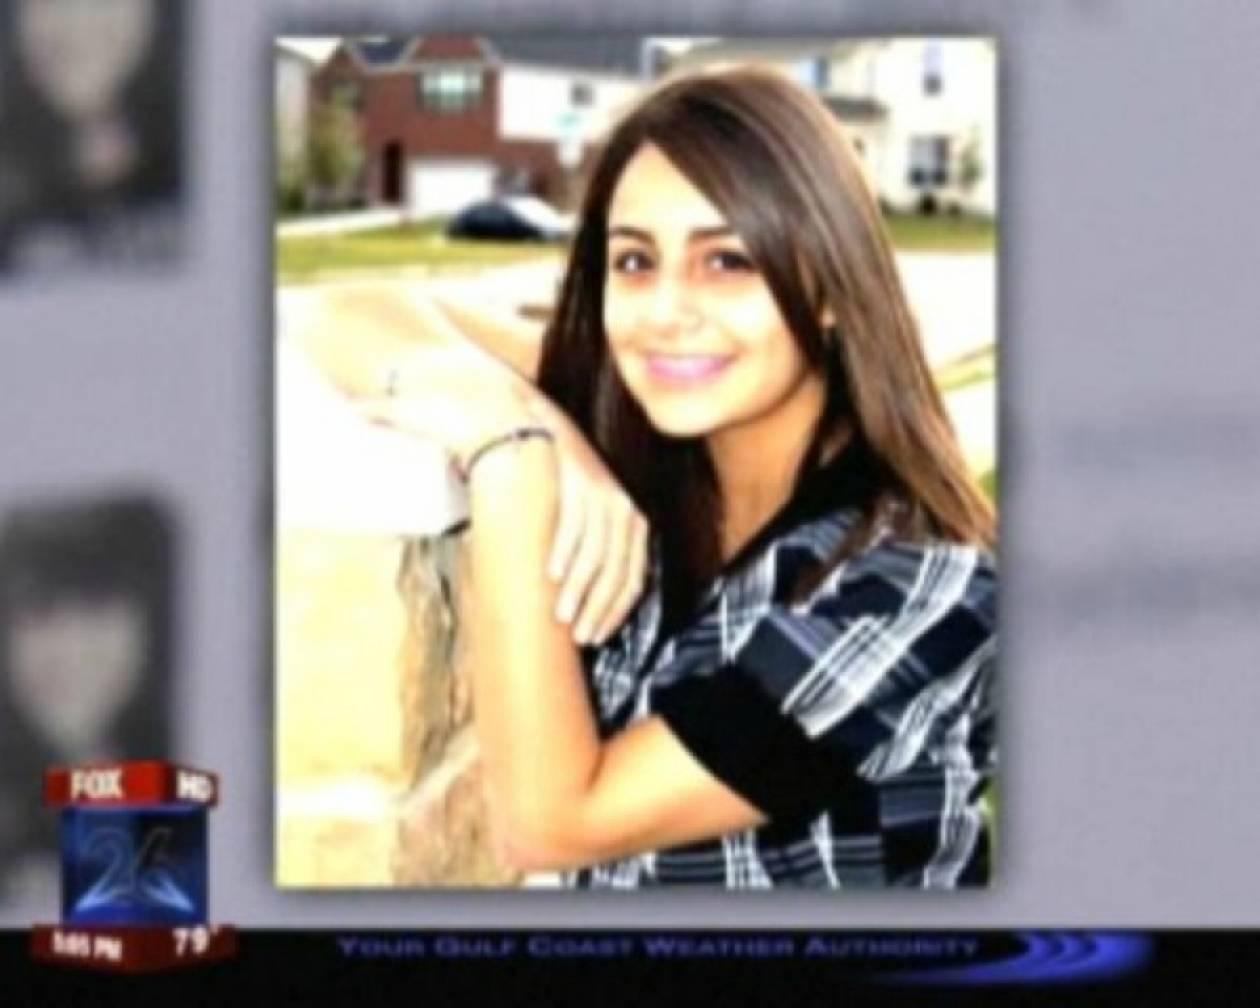 Μετέδιδε μέσω Twitter την αυτοκτονία της και κανείς δεν την βοήθησε!